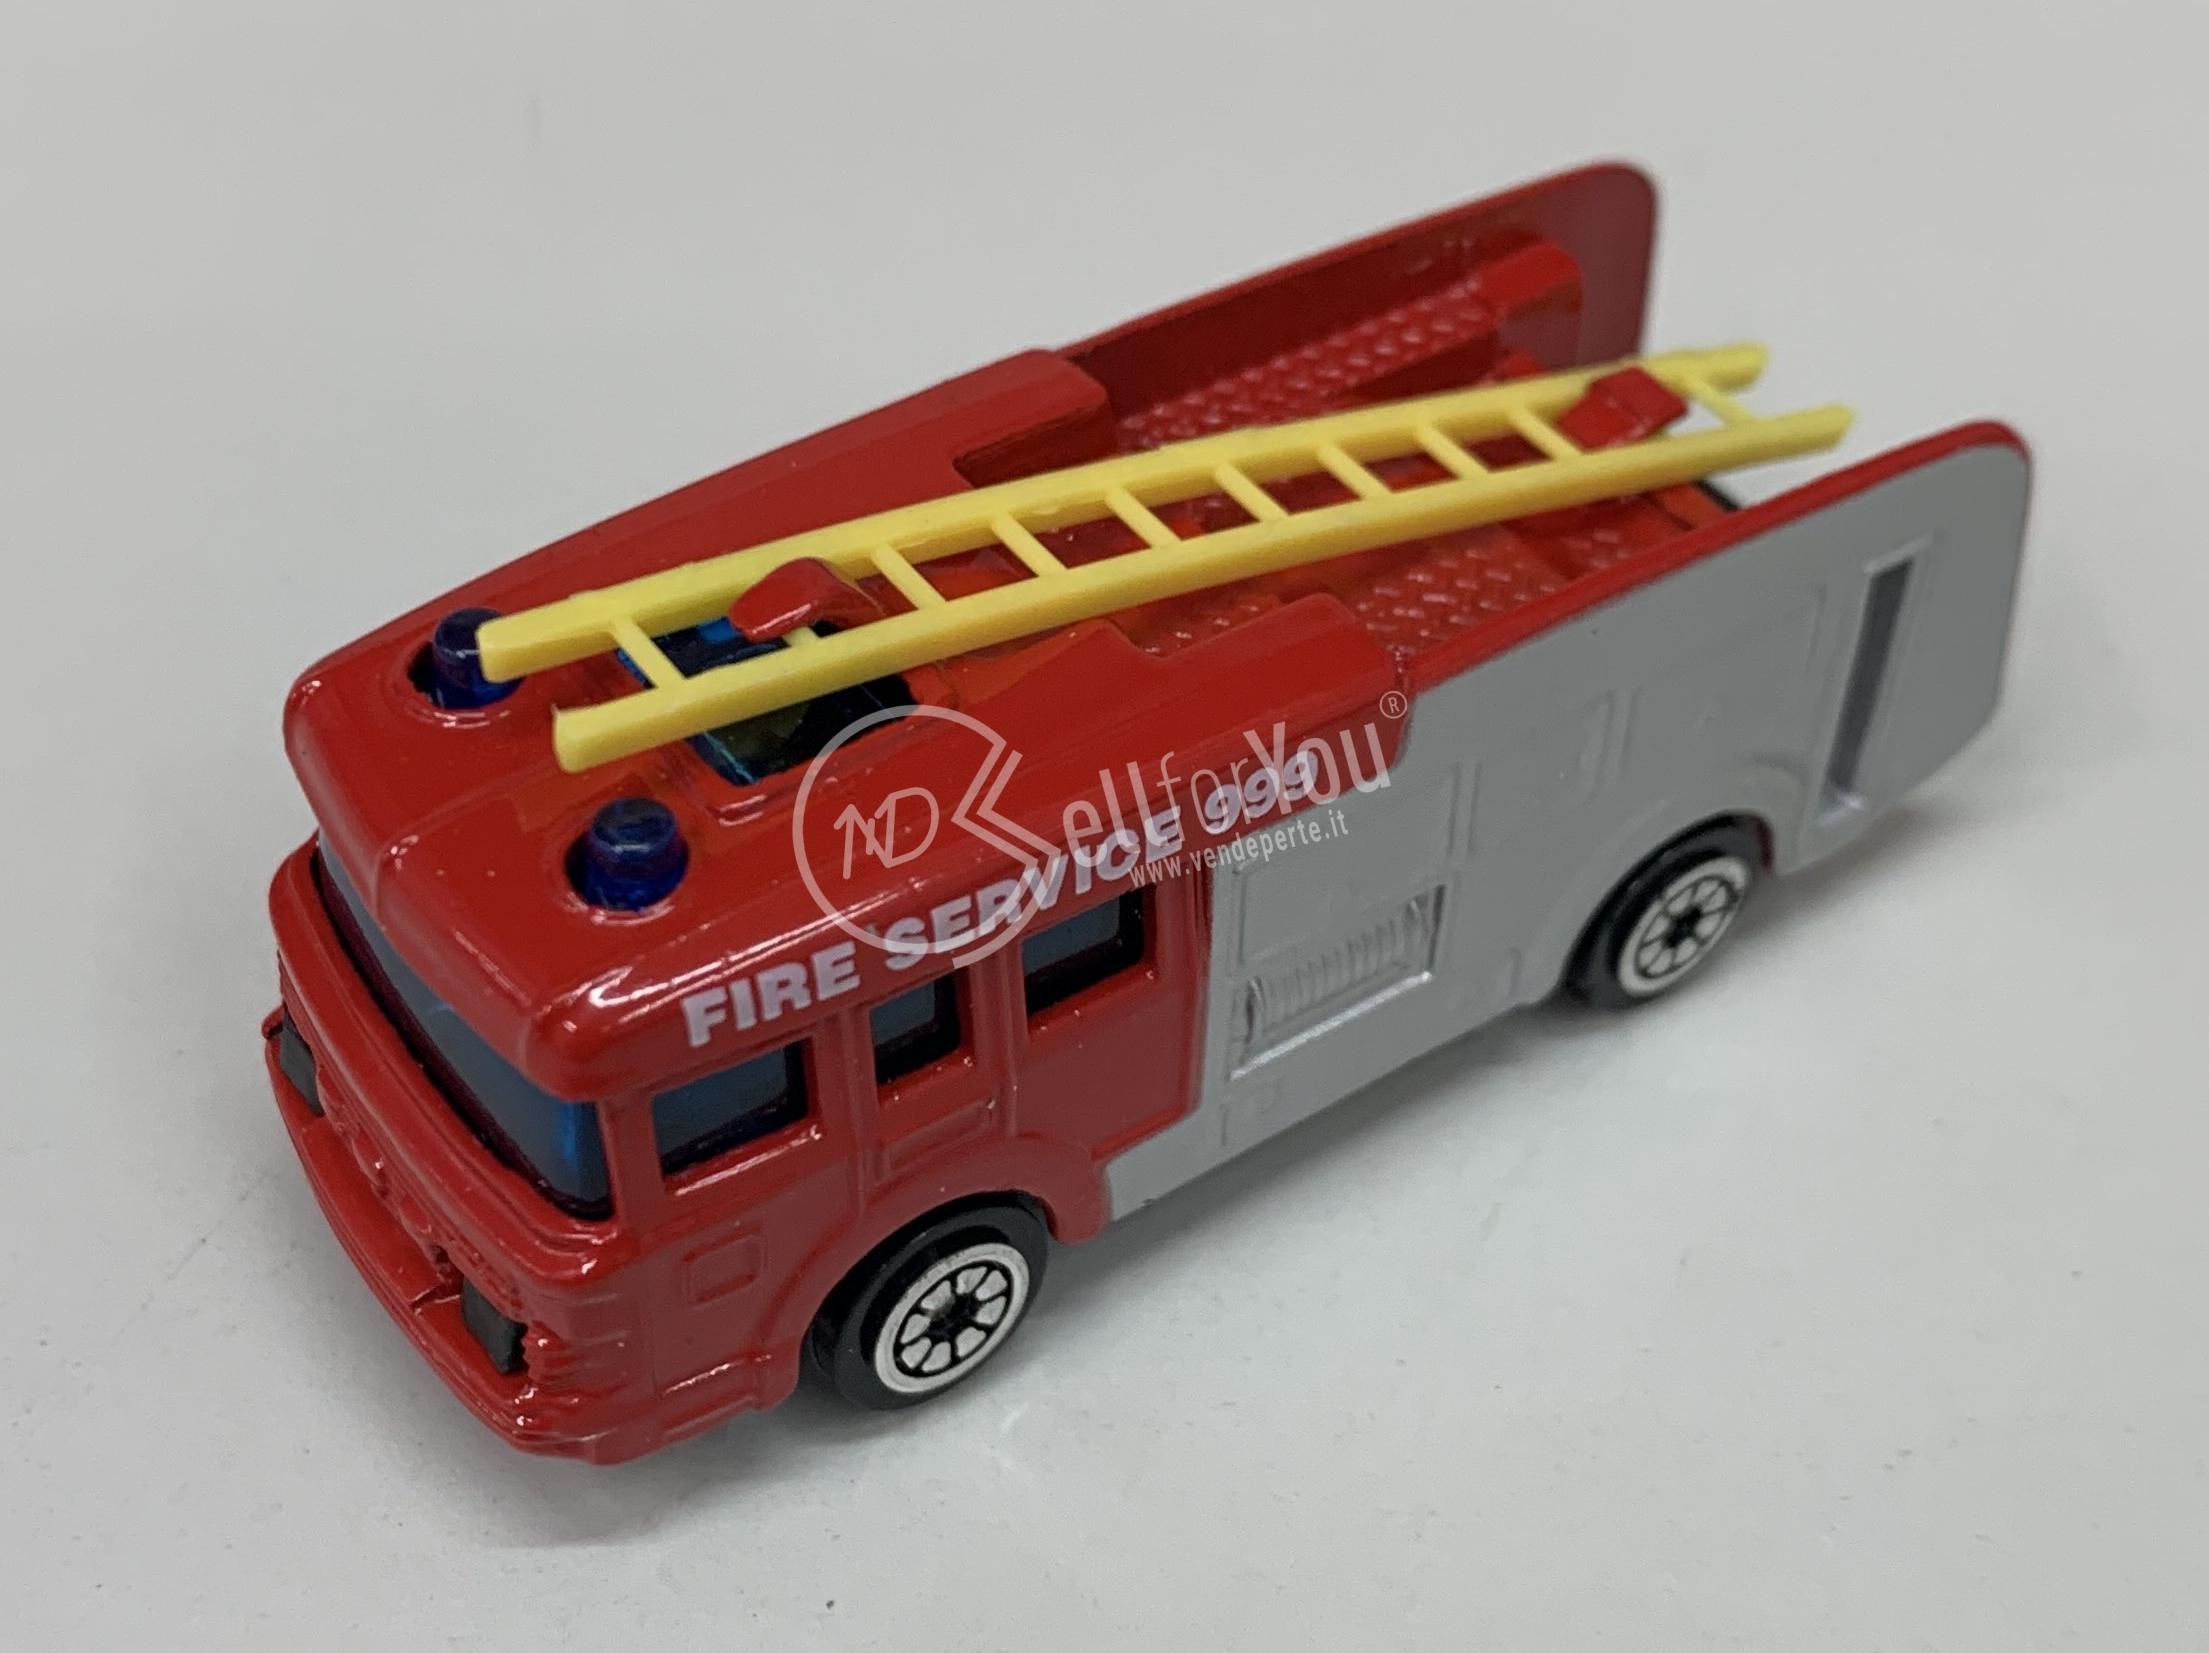 sellforyou immagine default articolo correlato non trovatoLotto da 200 pz. modellini cammion dei pompieri Corgi